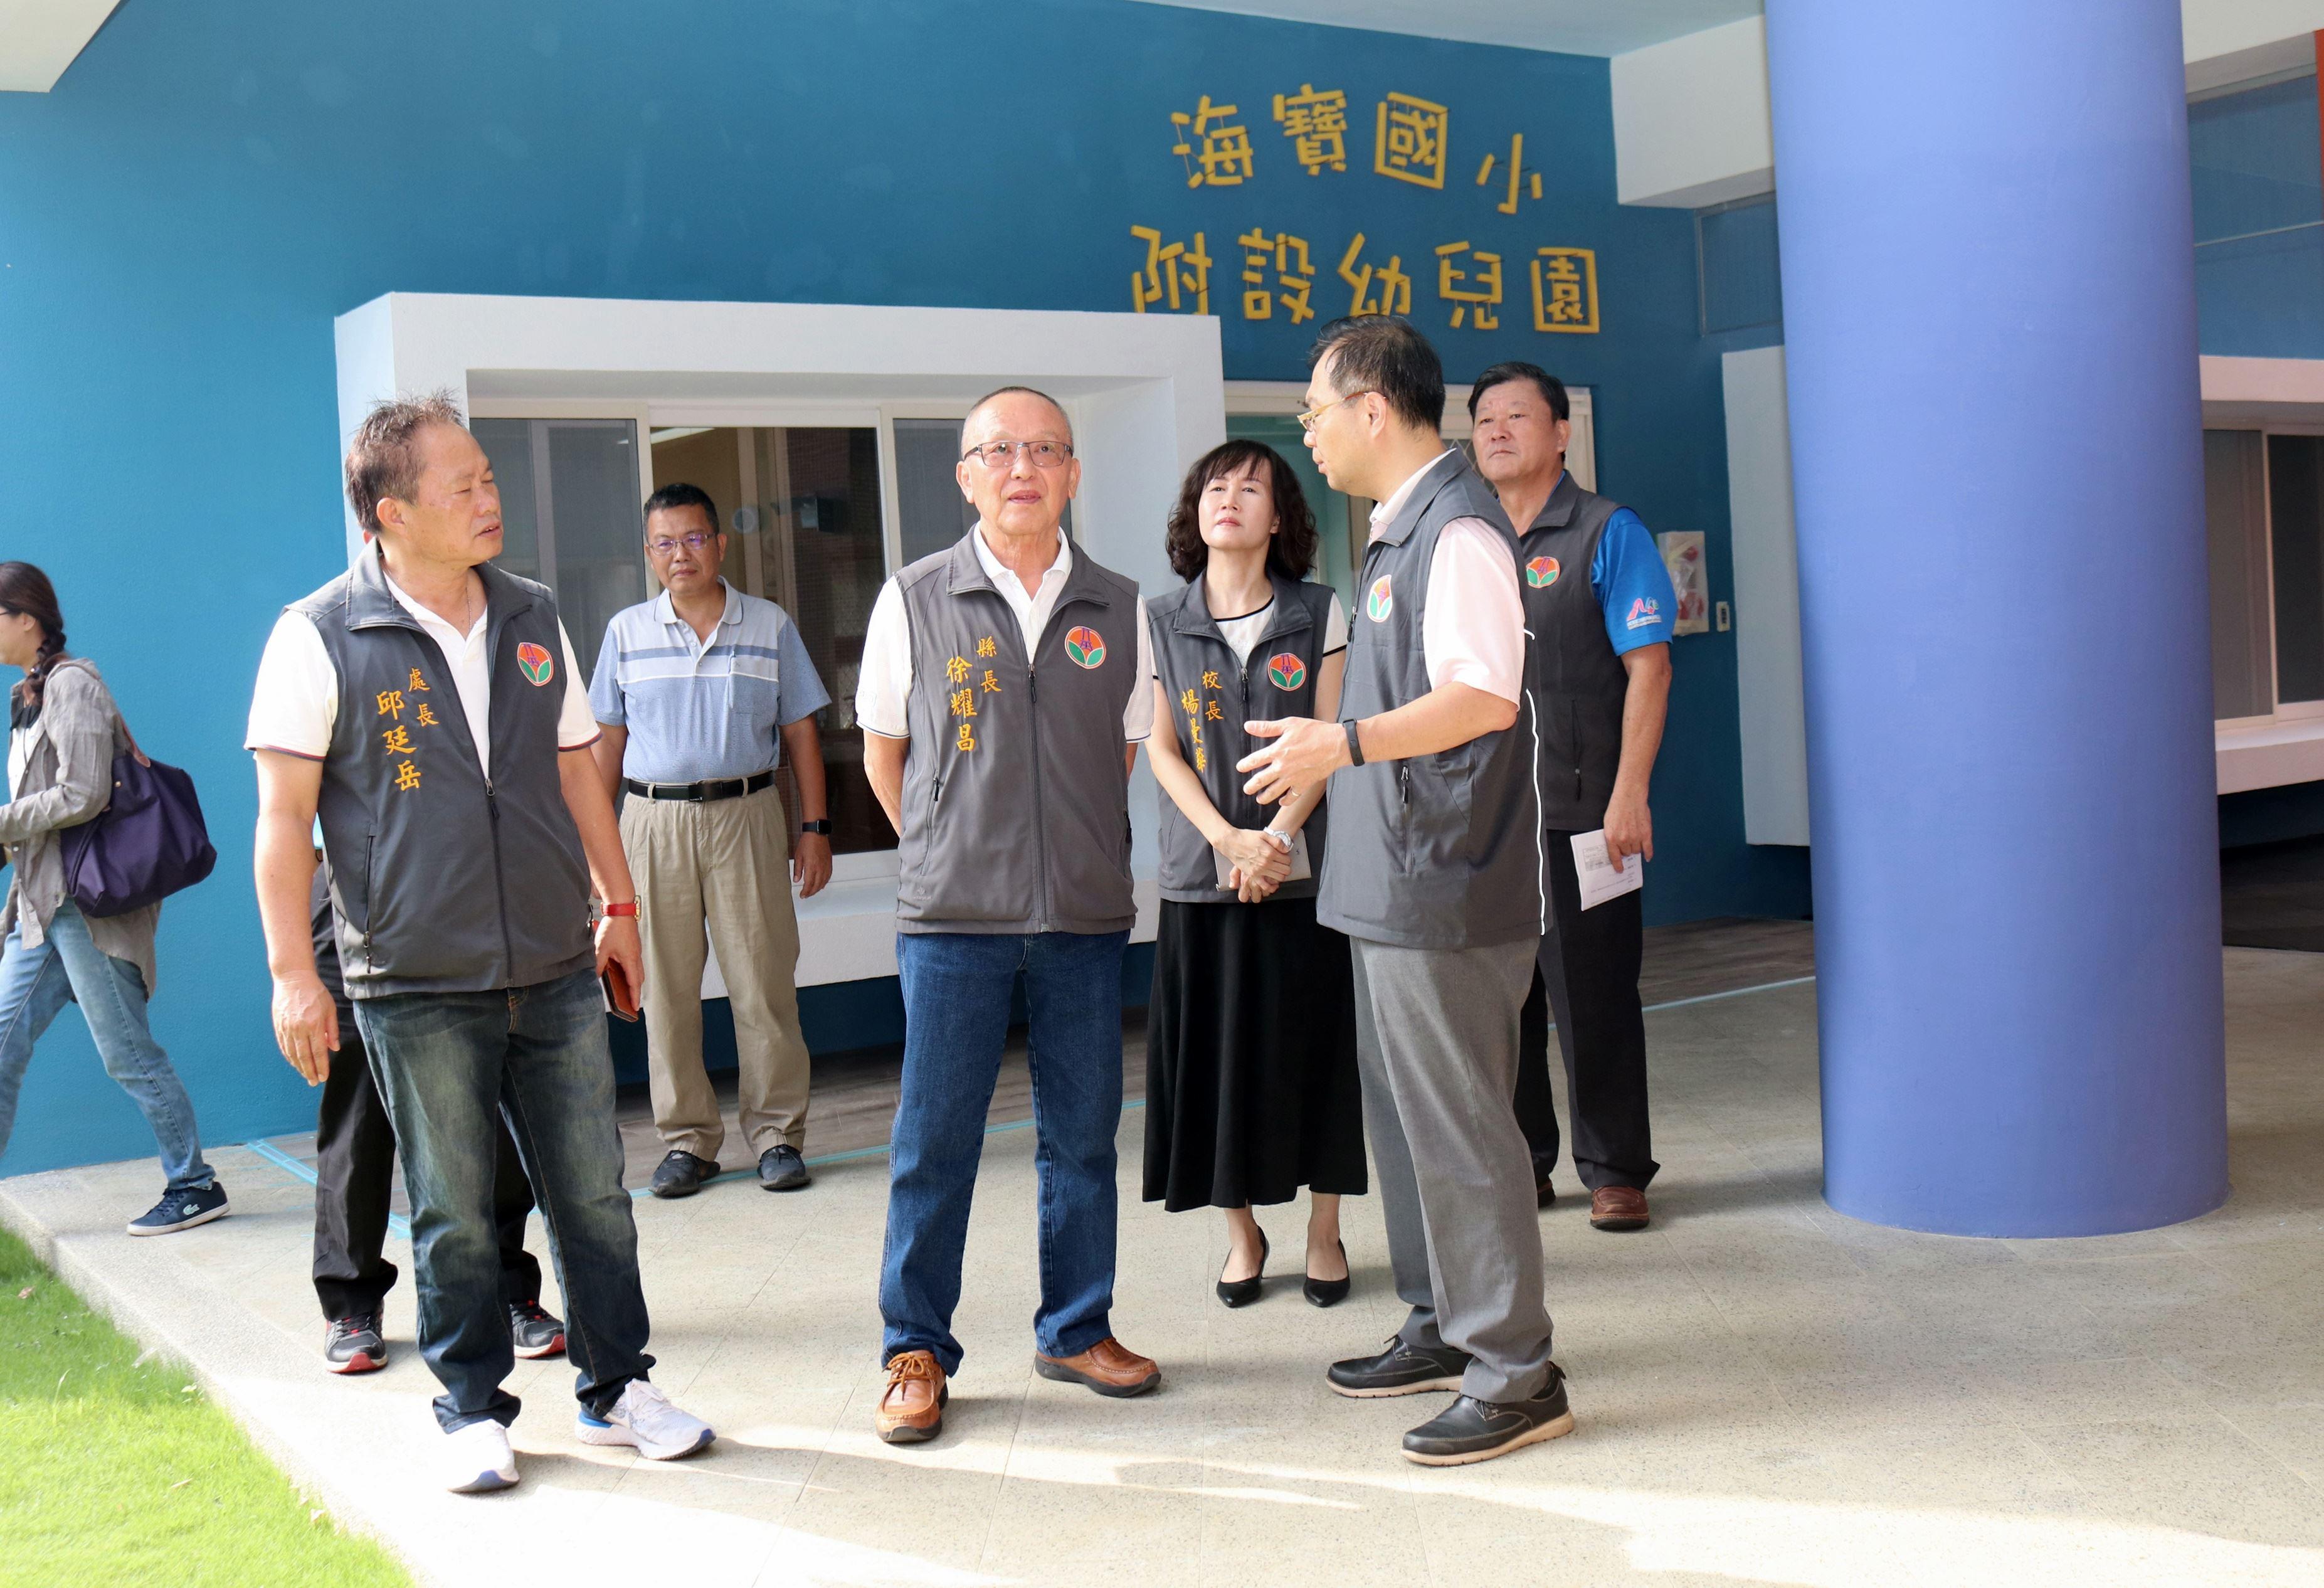 縣長視察海寶國小 允諾補助700萬增建運動場